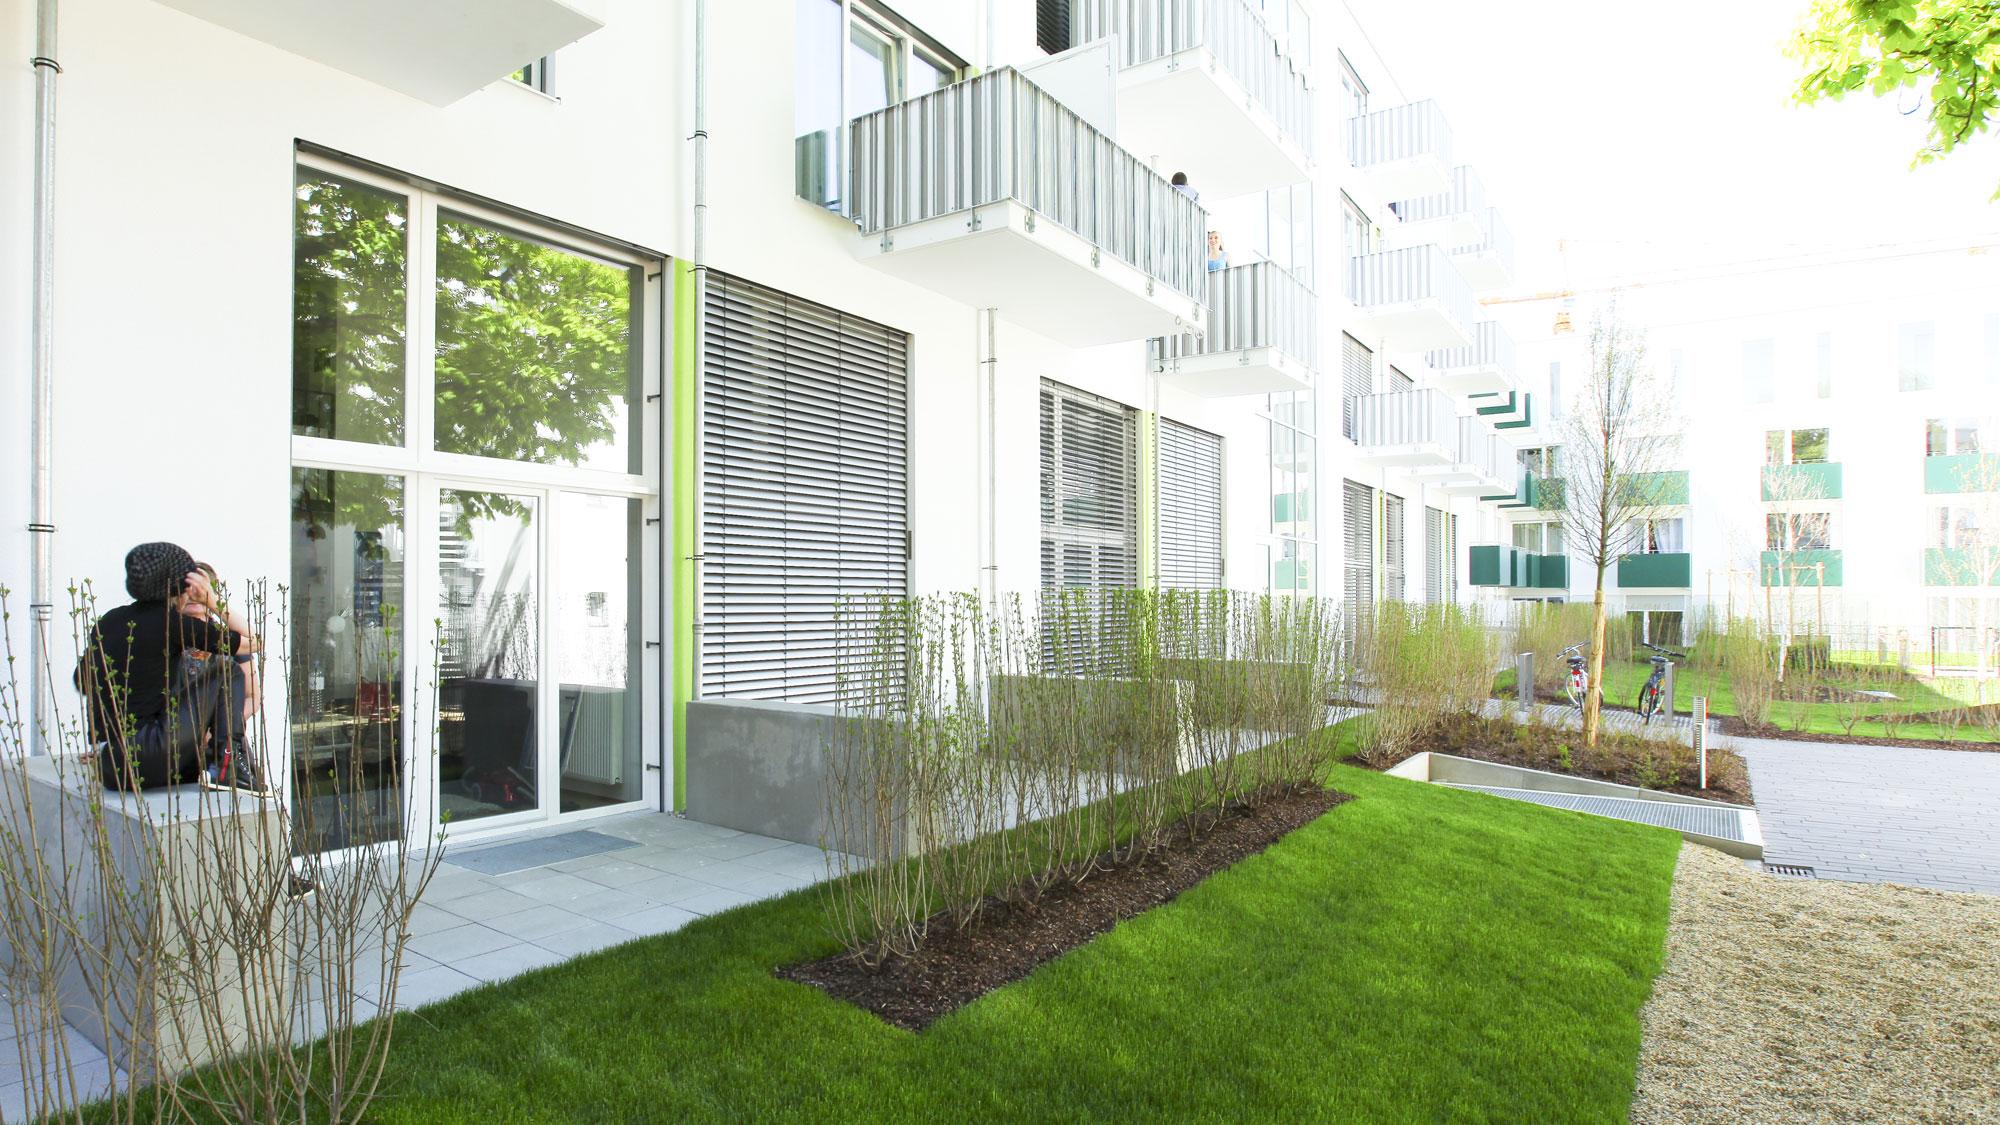 Hofseite des Neubauprojekts studiosus 2 in Regensburg mit Blick in den Garten sowie die Terassen und Balkone der Studentenapartements